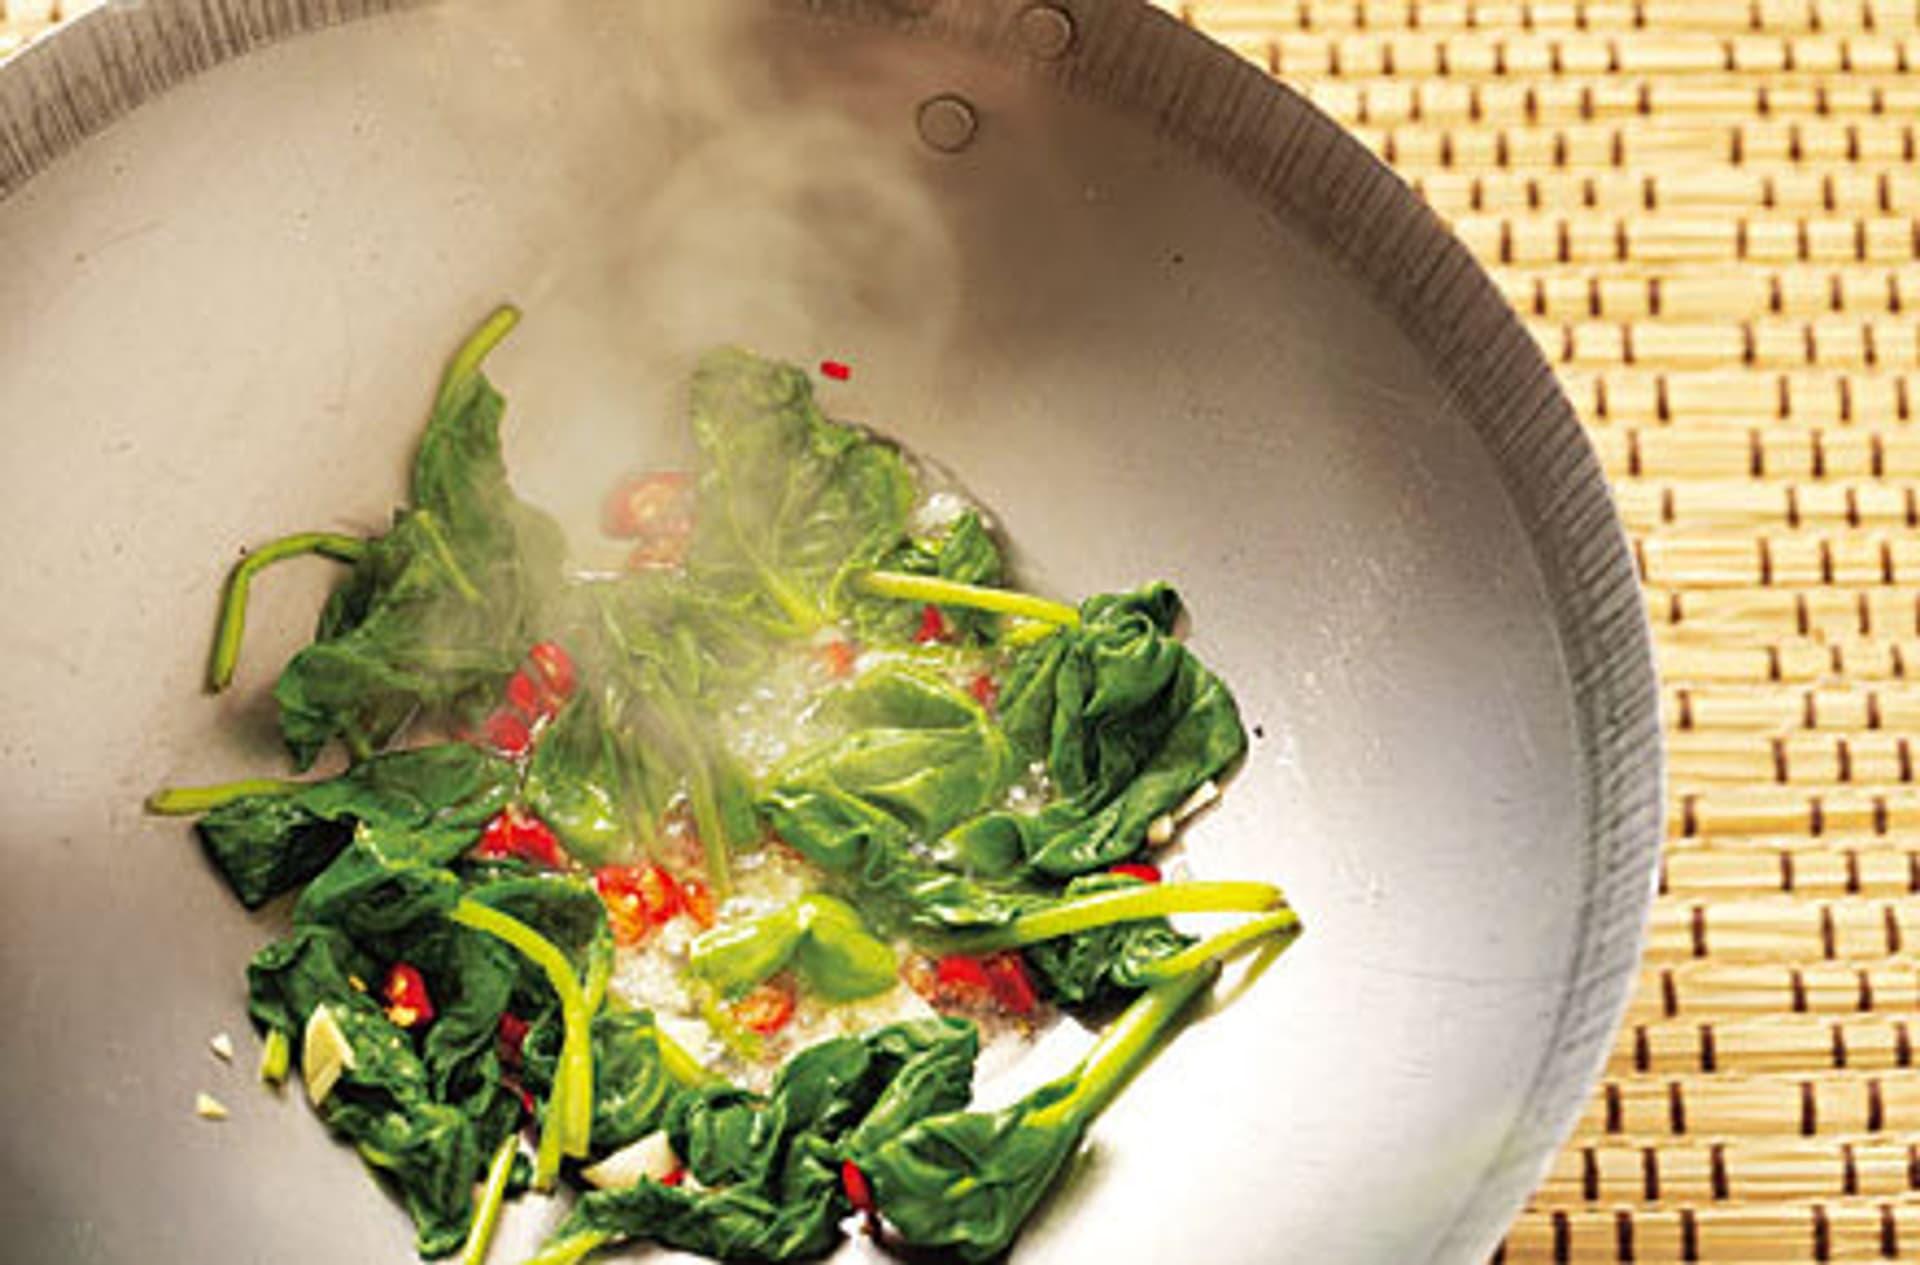 Frischer blattspinat mit knoblauch und chili